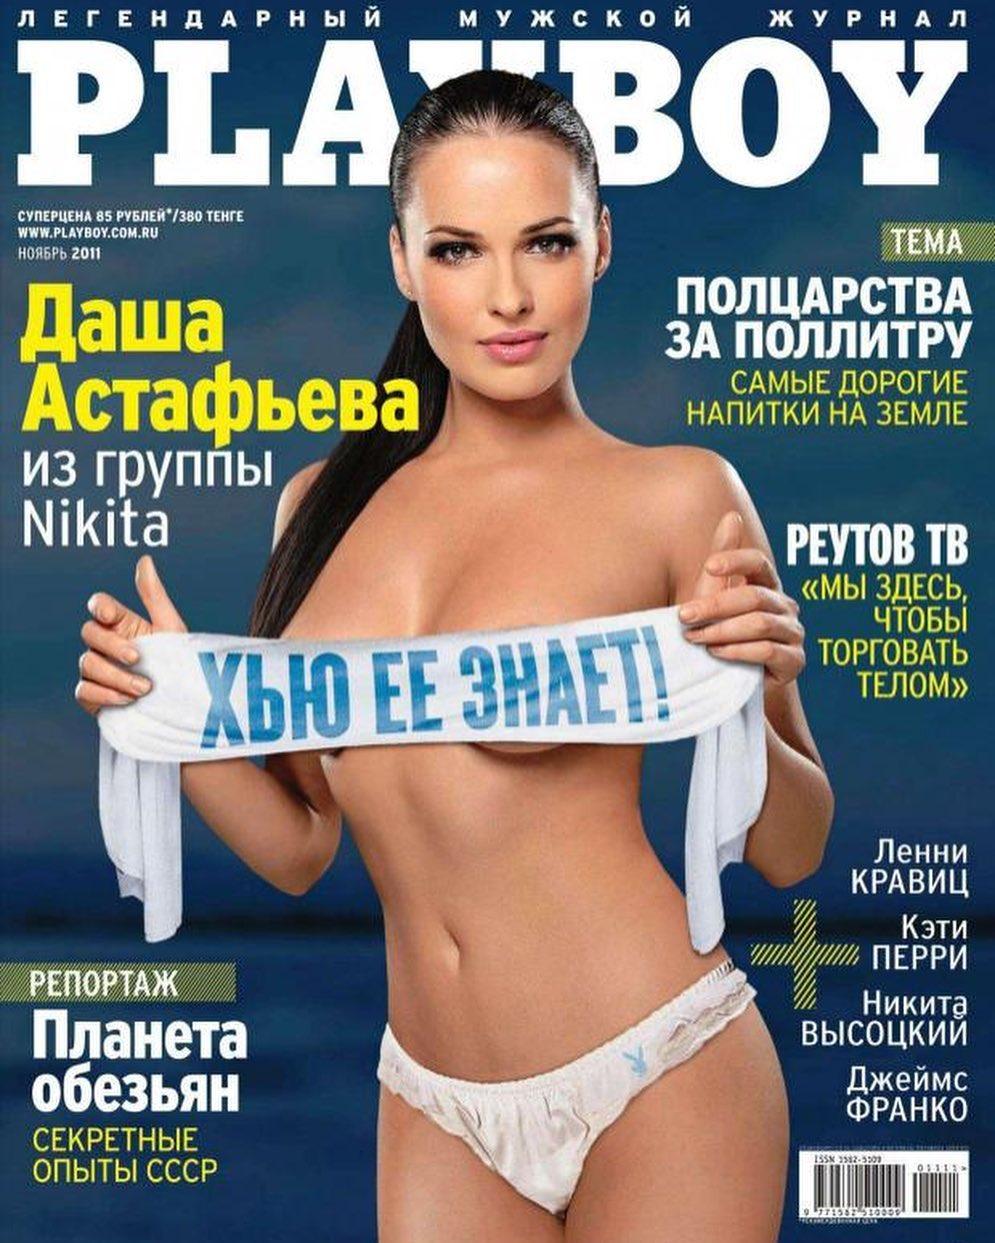 Украинские журналы с эротикой